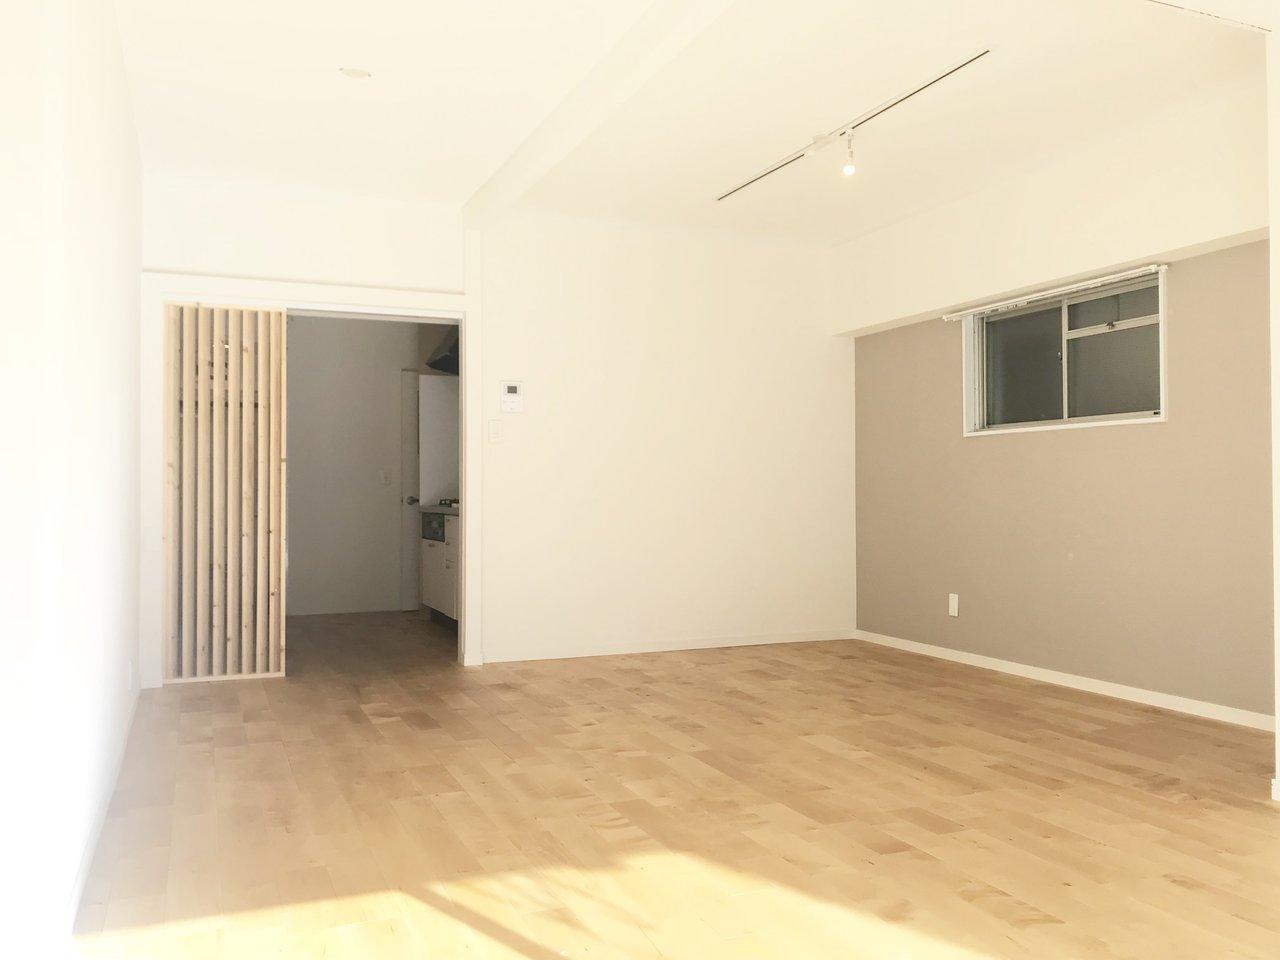 最後にご紹介したいのは、無垢材を使用し、大胆にリノベーションしたこちらの物件。もともと2DKだったお部屋の壁を大胆にぶち抜き、40㎡以上ながら、広々とした1Rのお部屋に生まれ変わりました。床の無垢材もあたたかみがあっていいですね。